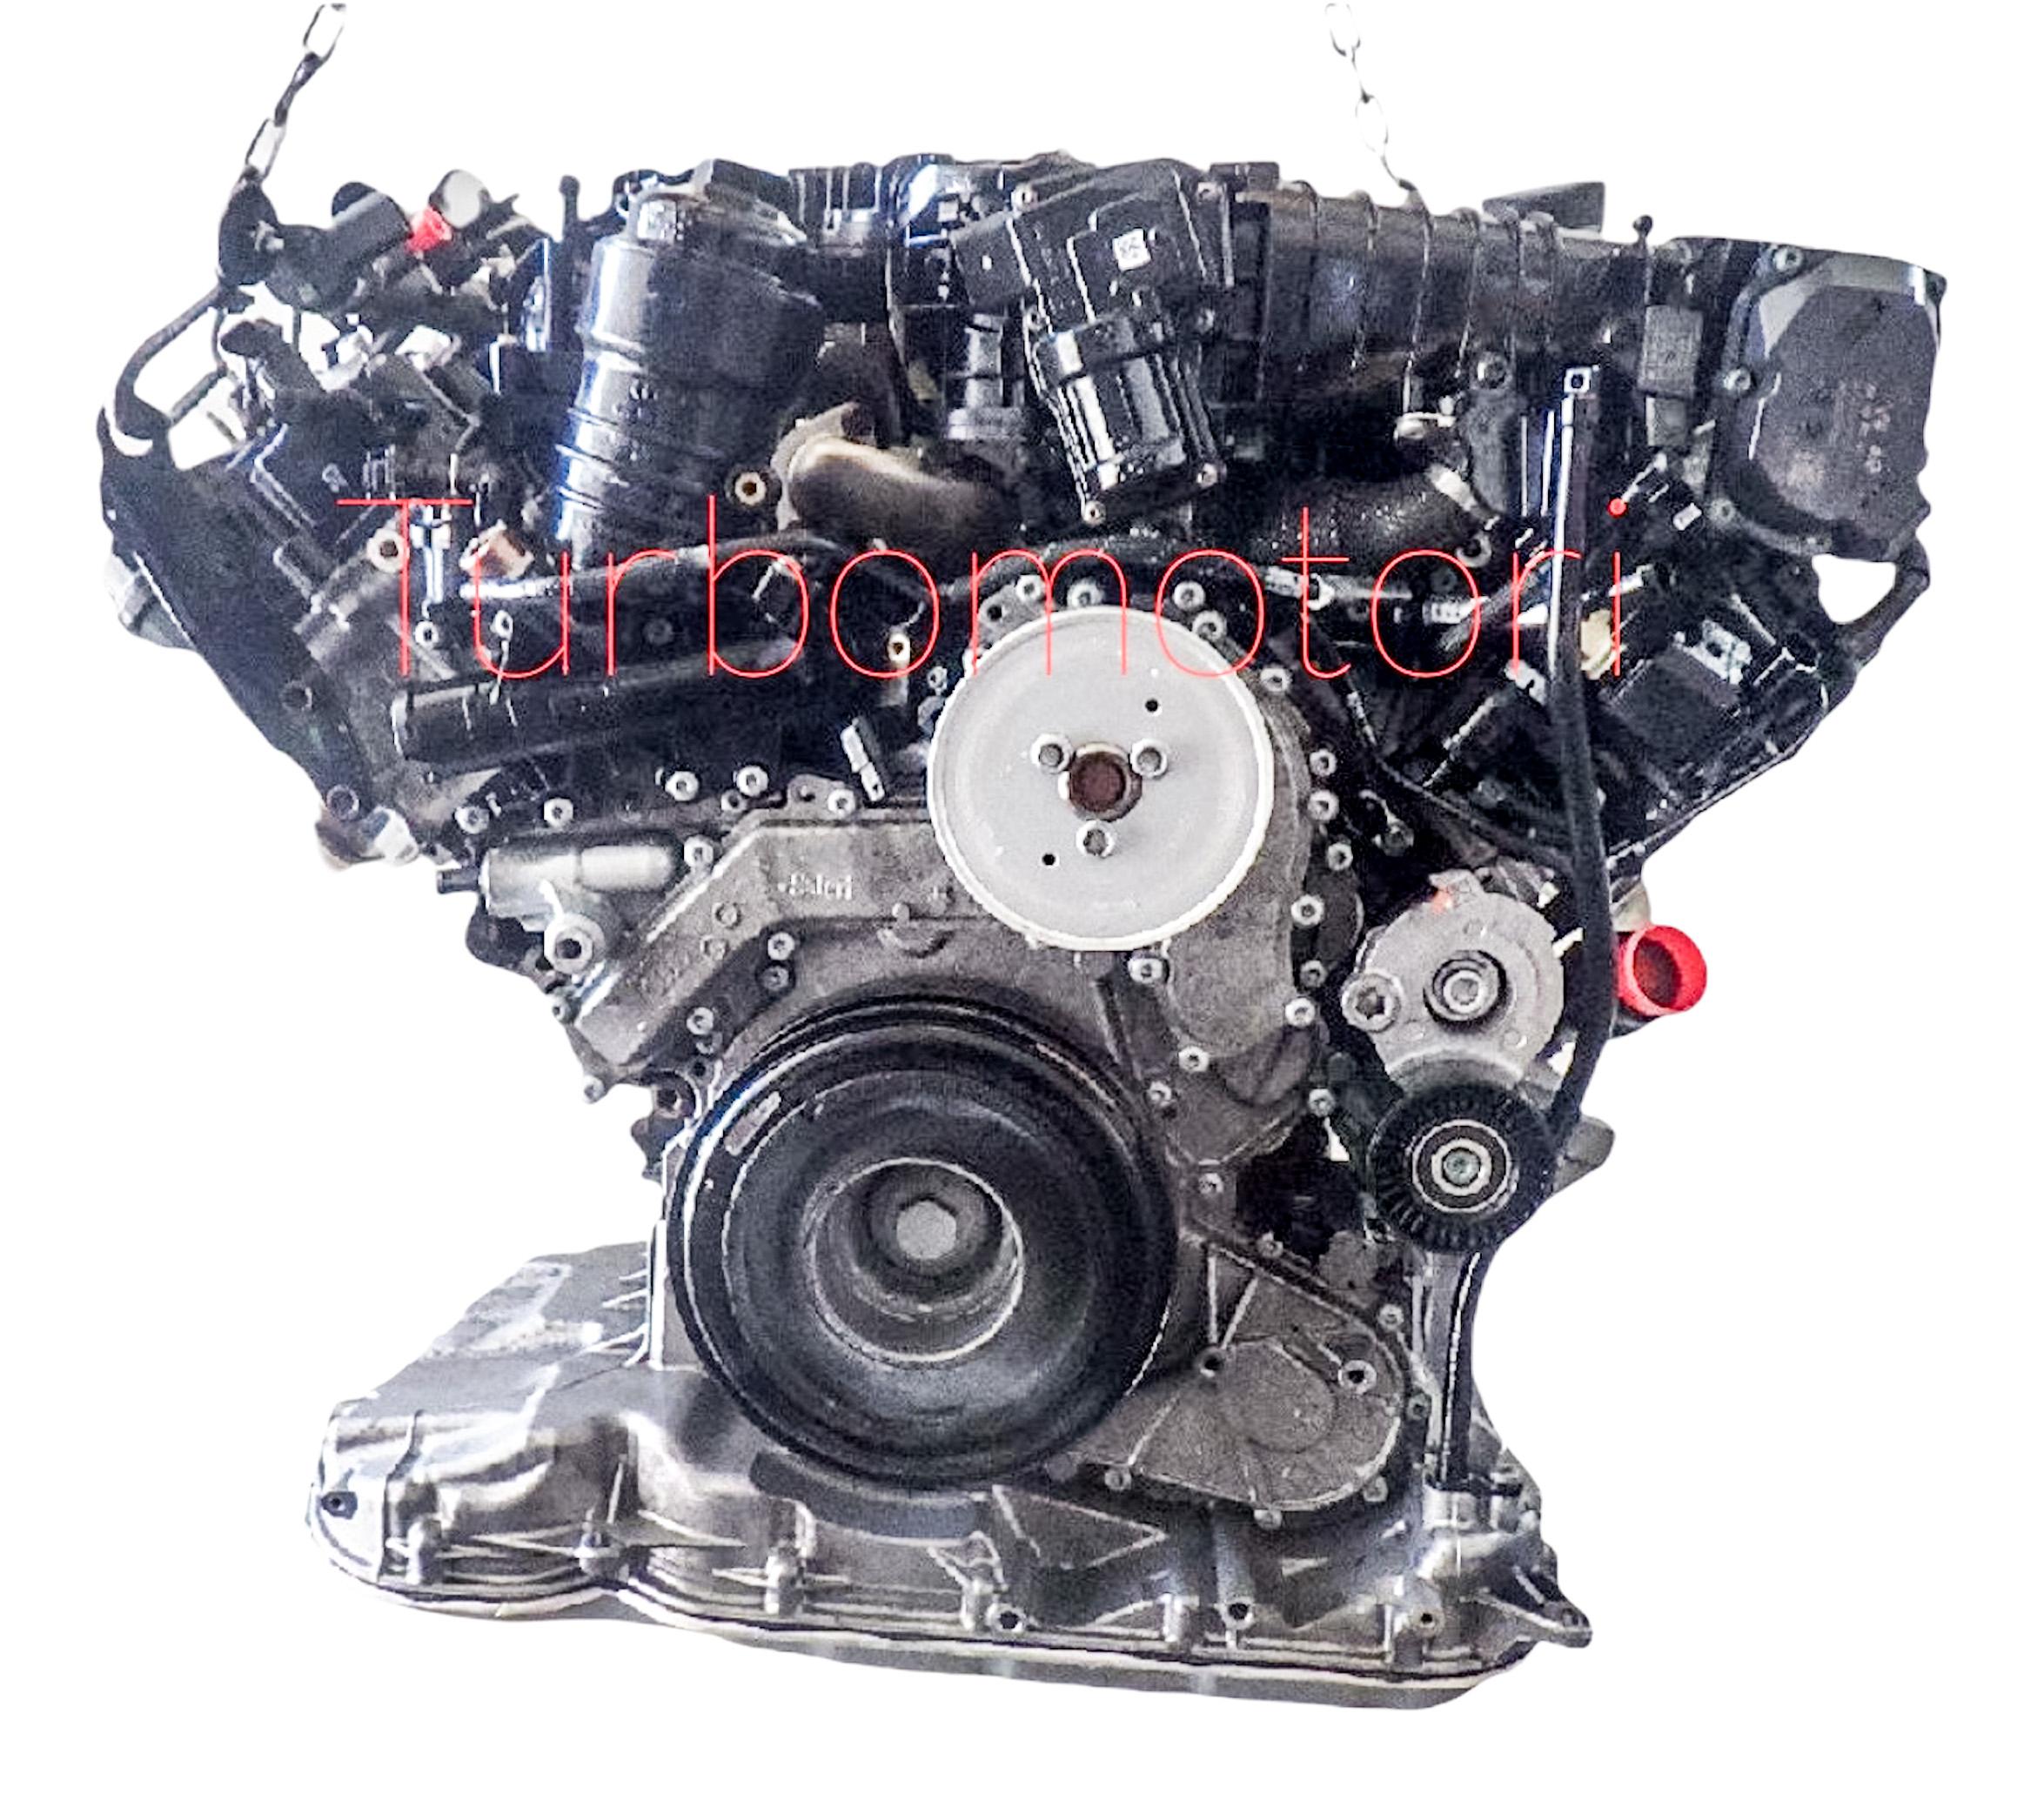 Motore Audi Q7 anno 2014 - in poi 3.0 d codice CRT